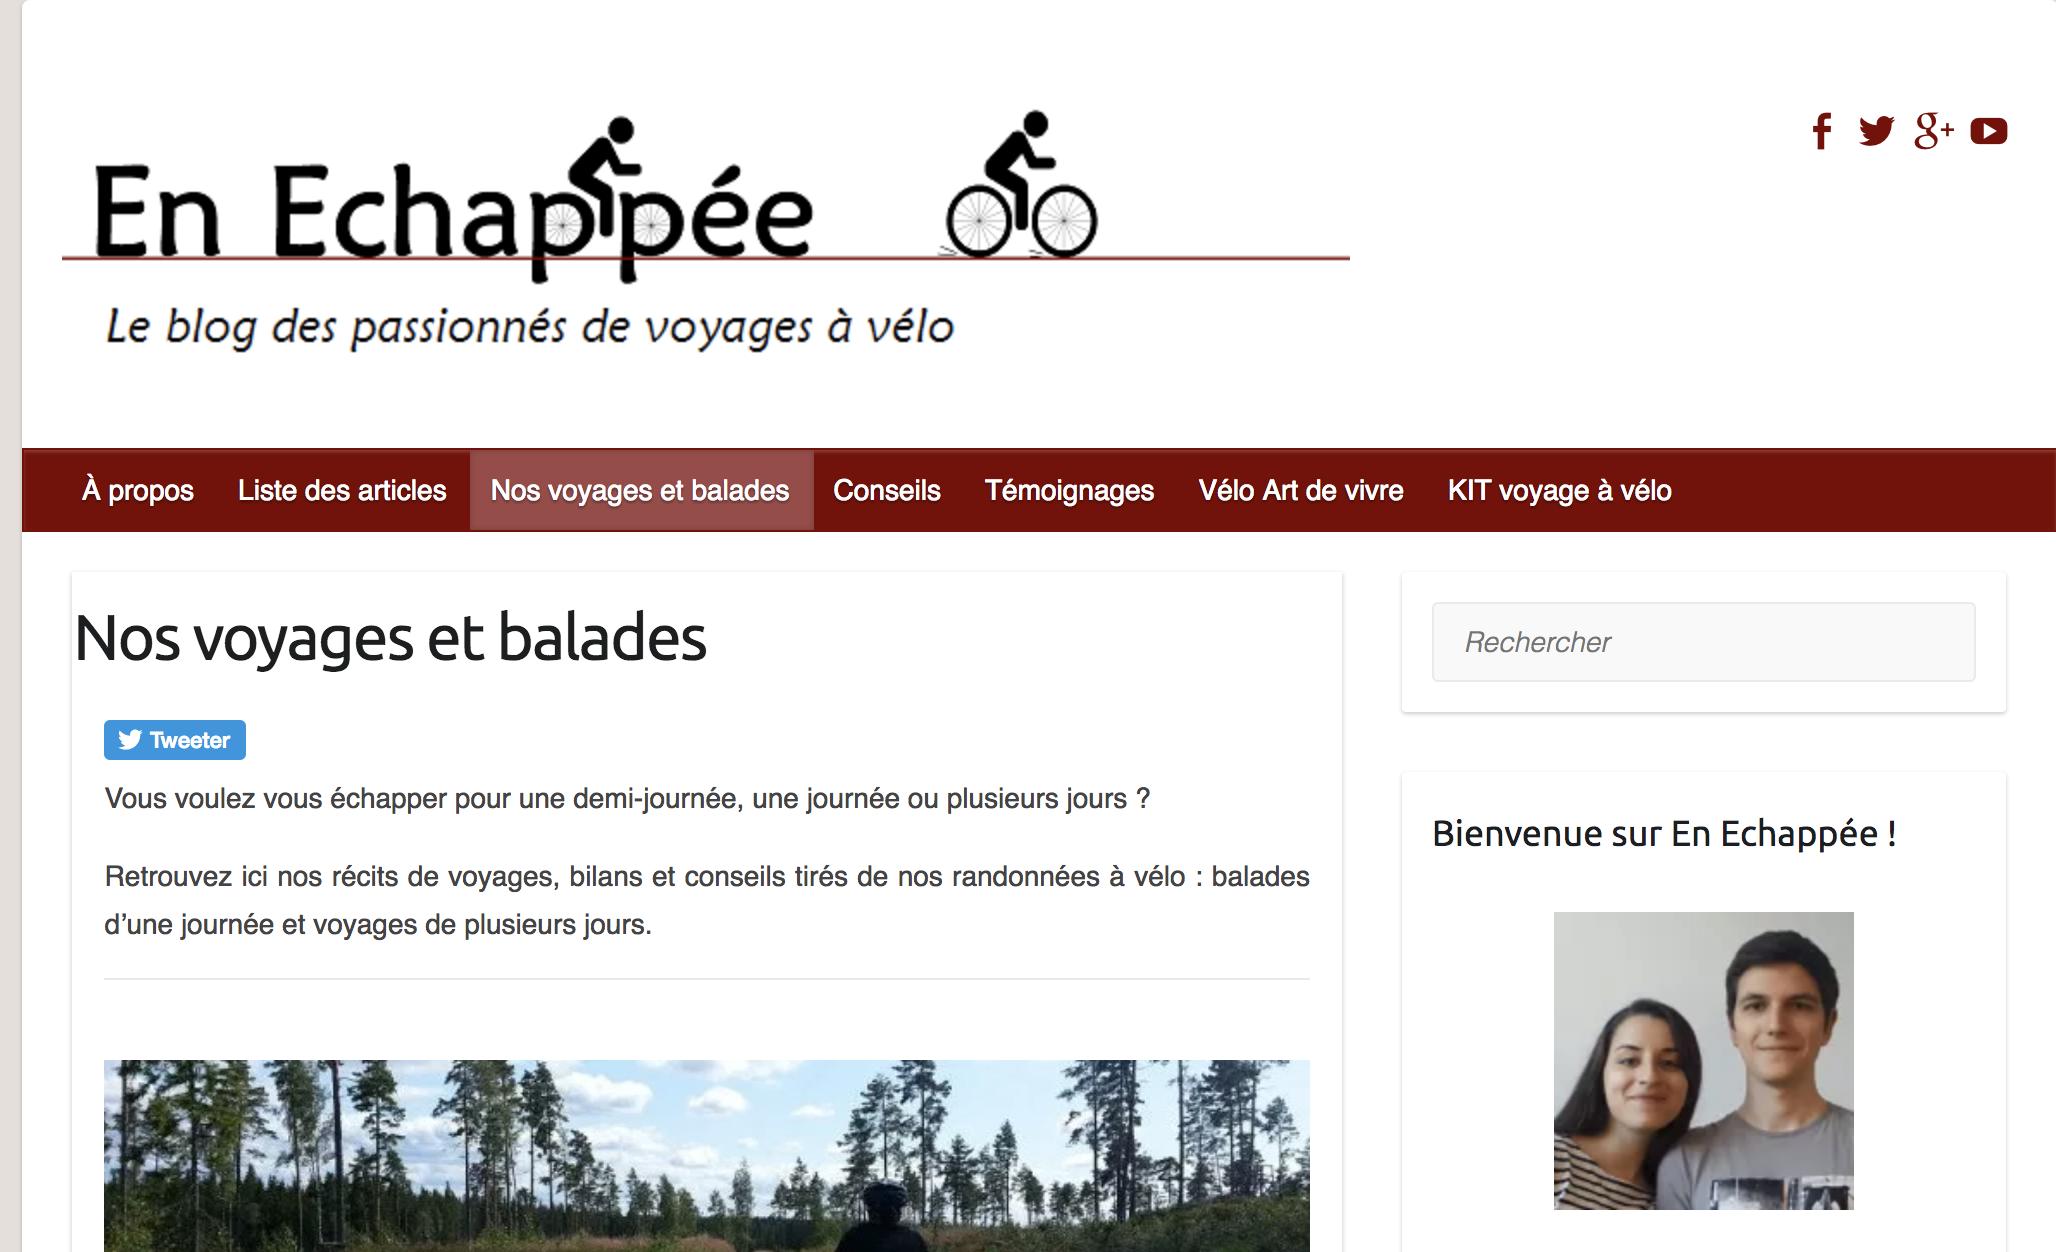 EnEchappée - Un blog référence pour les cyclotouristes Français ! Leurs voyages, des conseils, des témoignages. Parfait pour préparer un voyage.